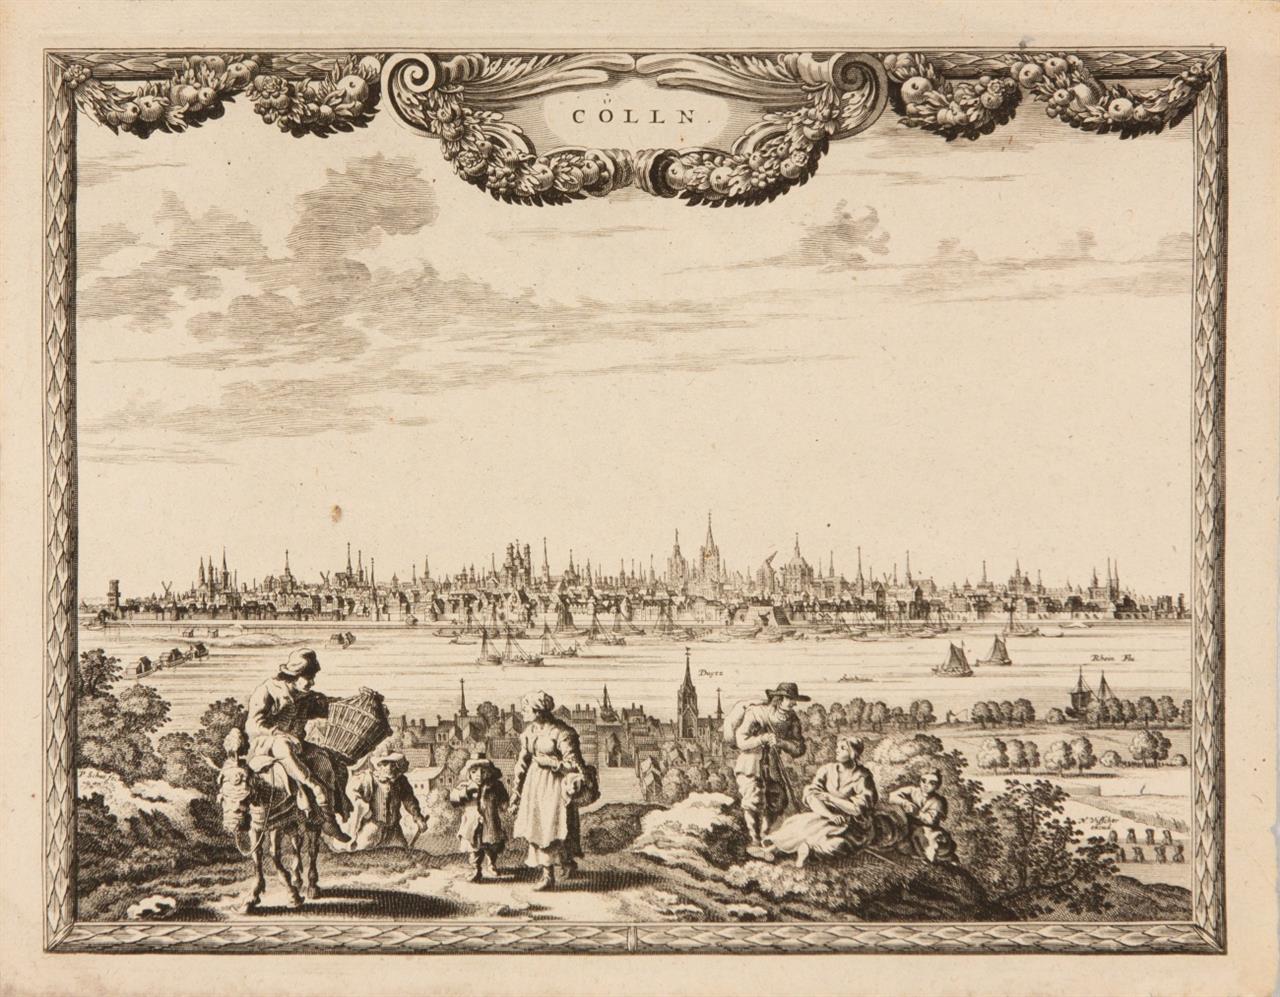 Köln. Cölln. Gesamtansicht. Um 1660. Kupferstich von Pieter Schut, bei Nicolas Visscher. Sievers 56.